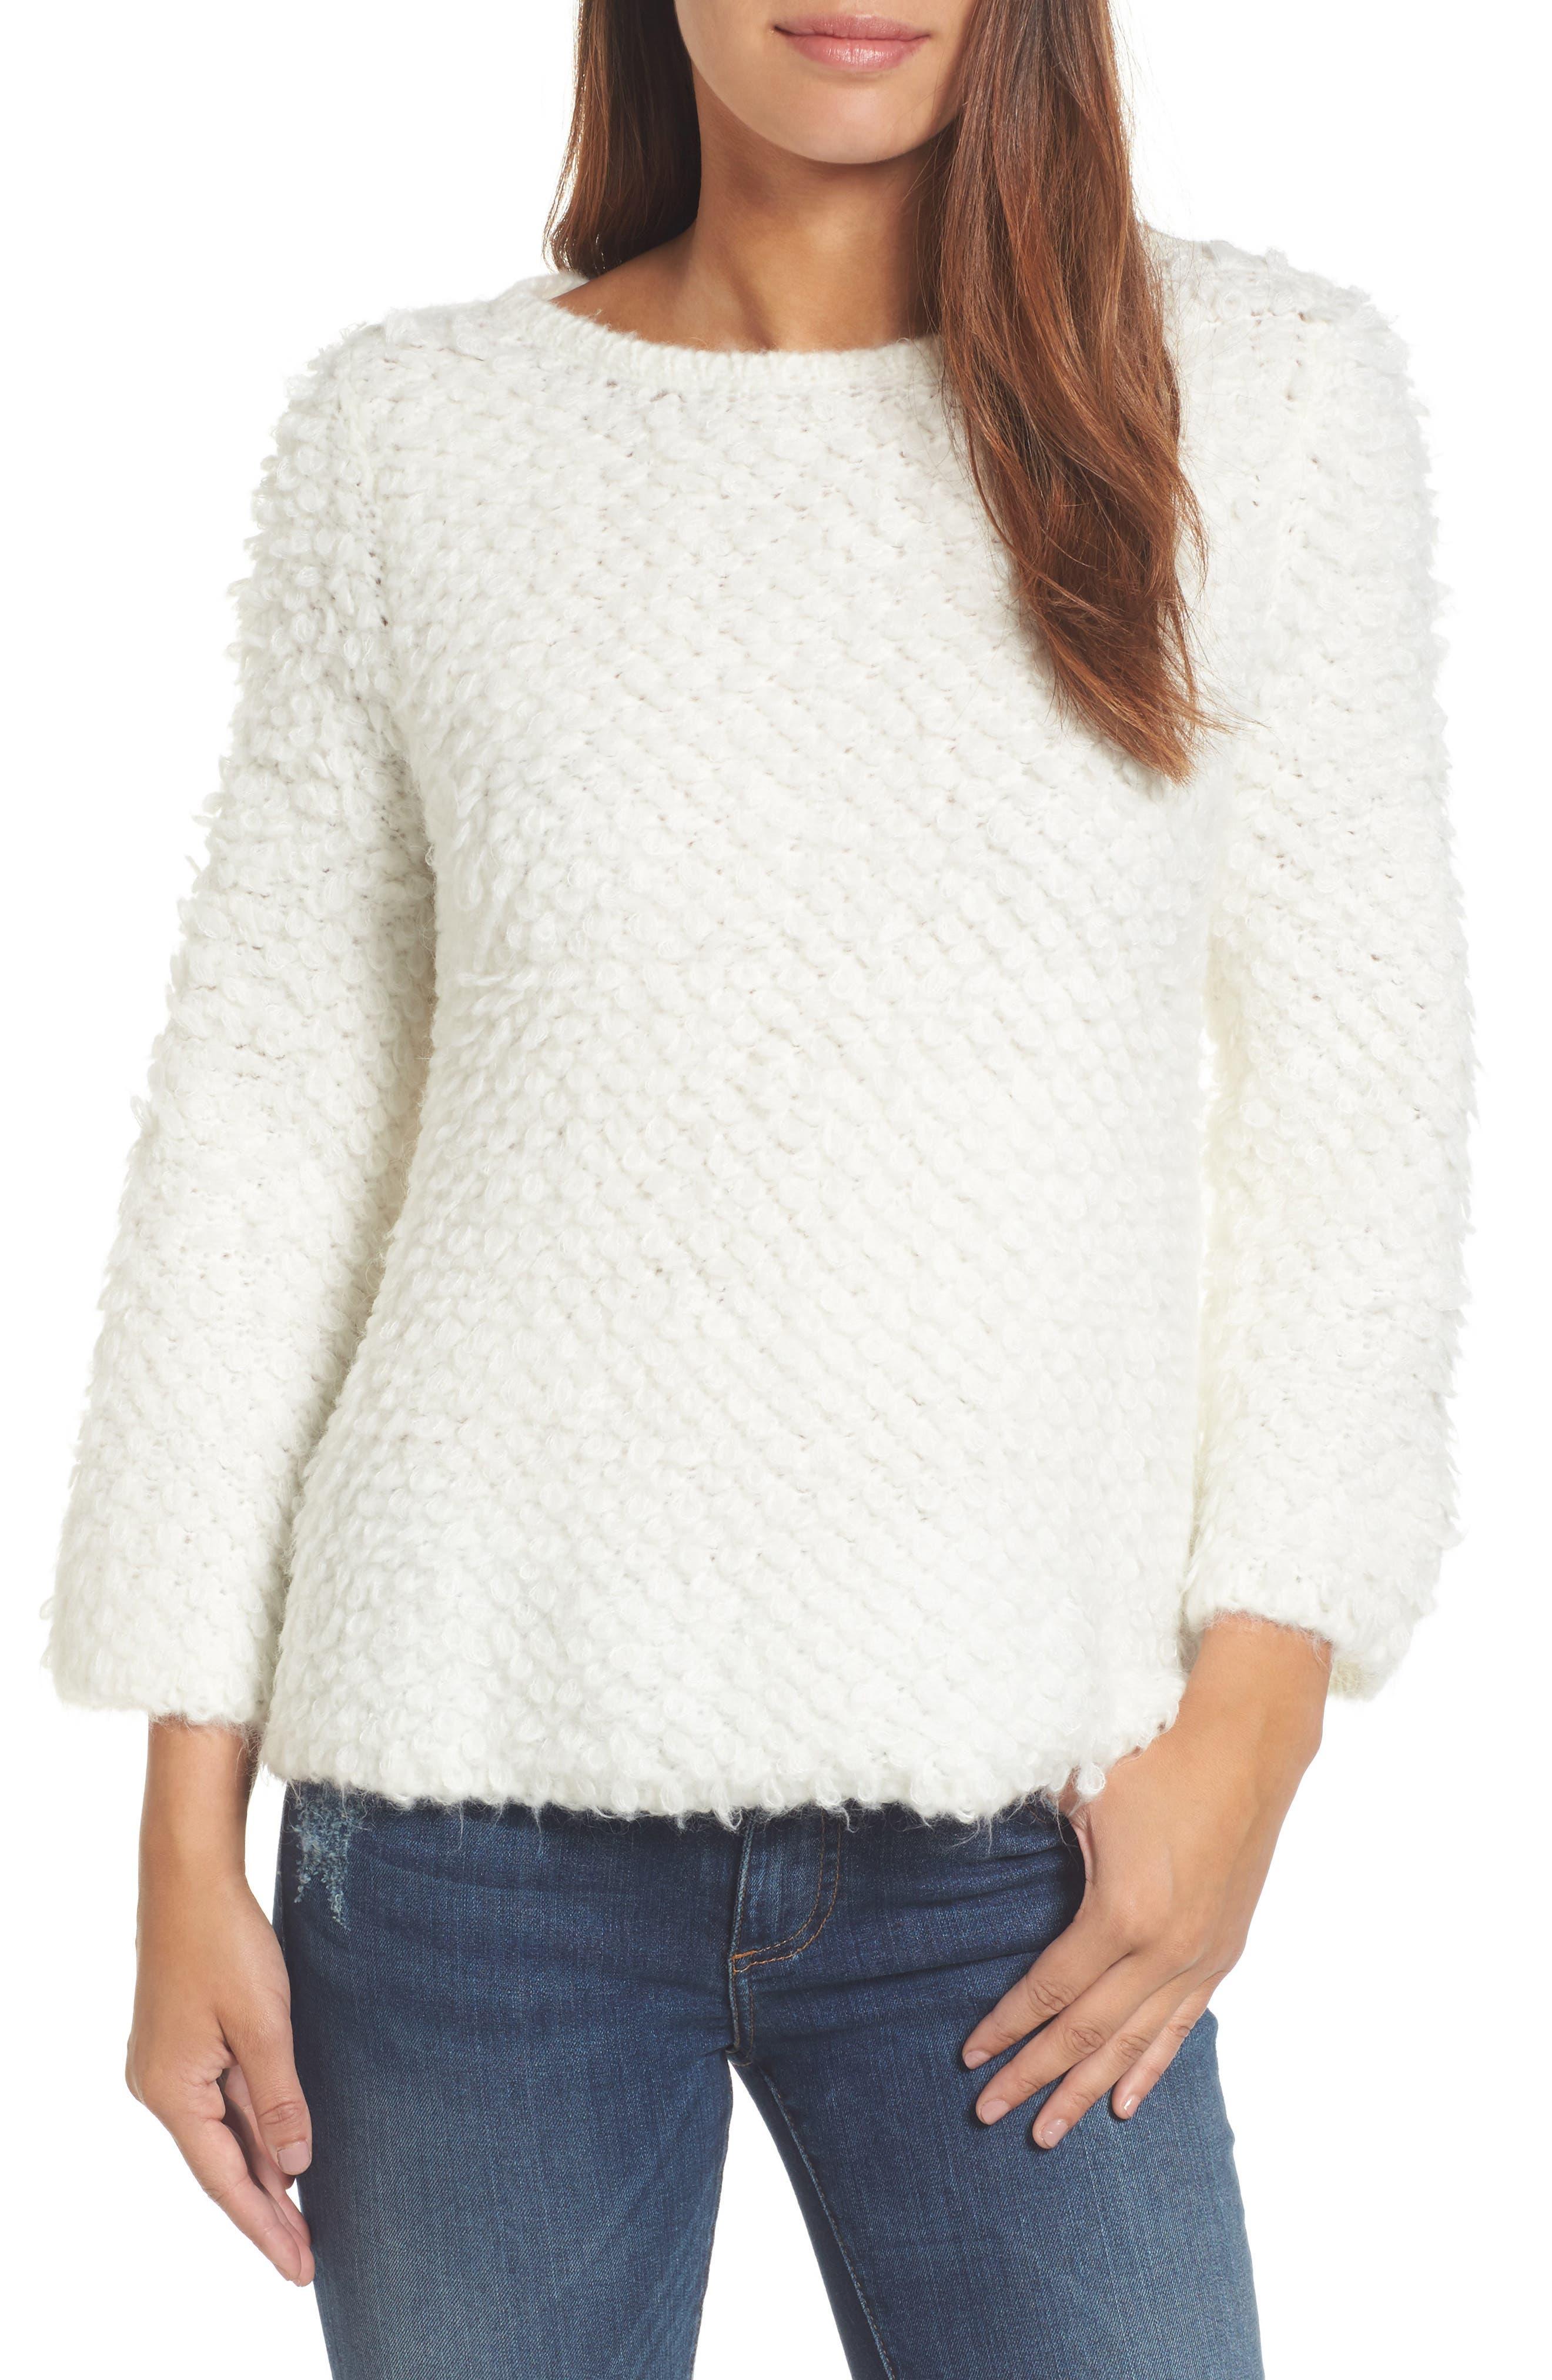 Alternate Image 1 Selected - Caslon® Loop Stitch Crewneck Sweater